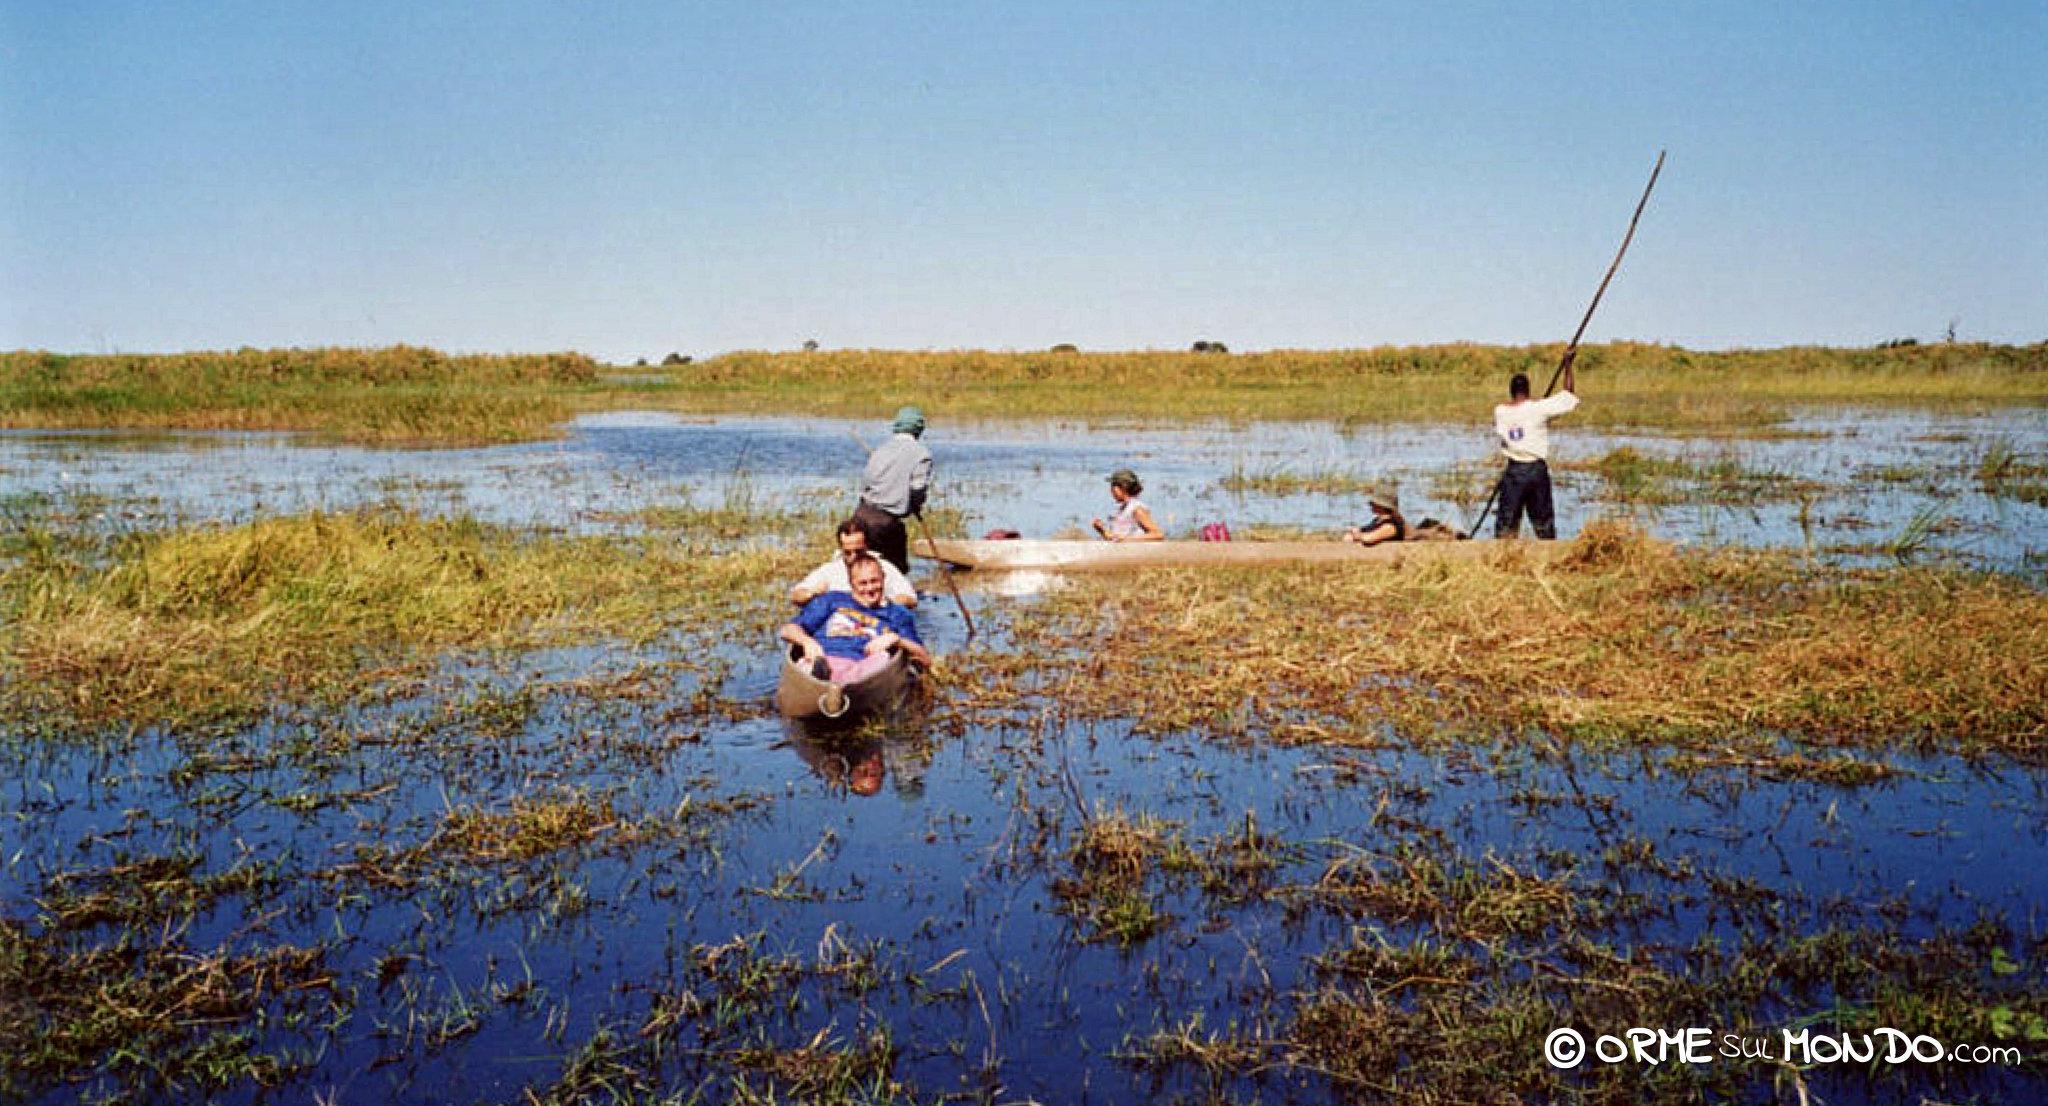 In mokioro lungo i canali del Delta dell'Okavango